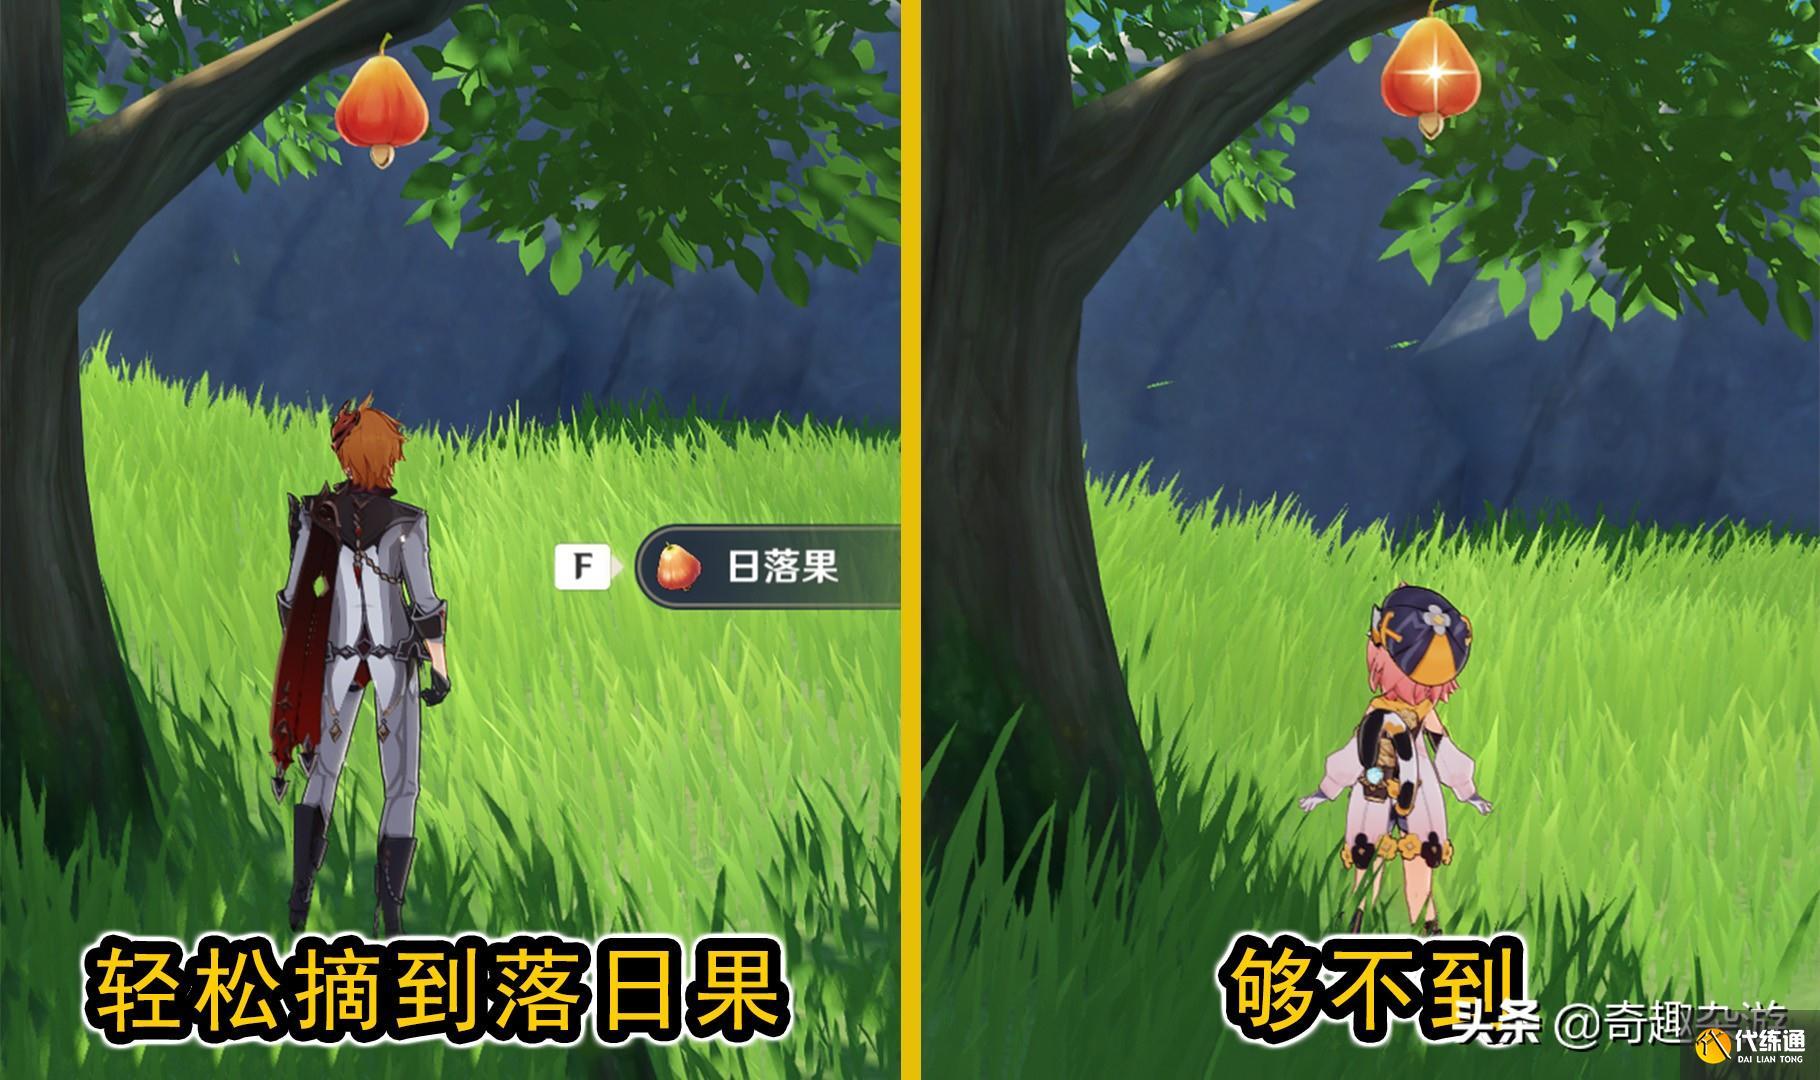 原神:身高對角色有什么影響?太矮容易淹死、摘日落果都要爬樹